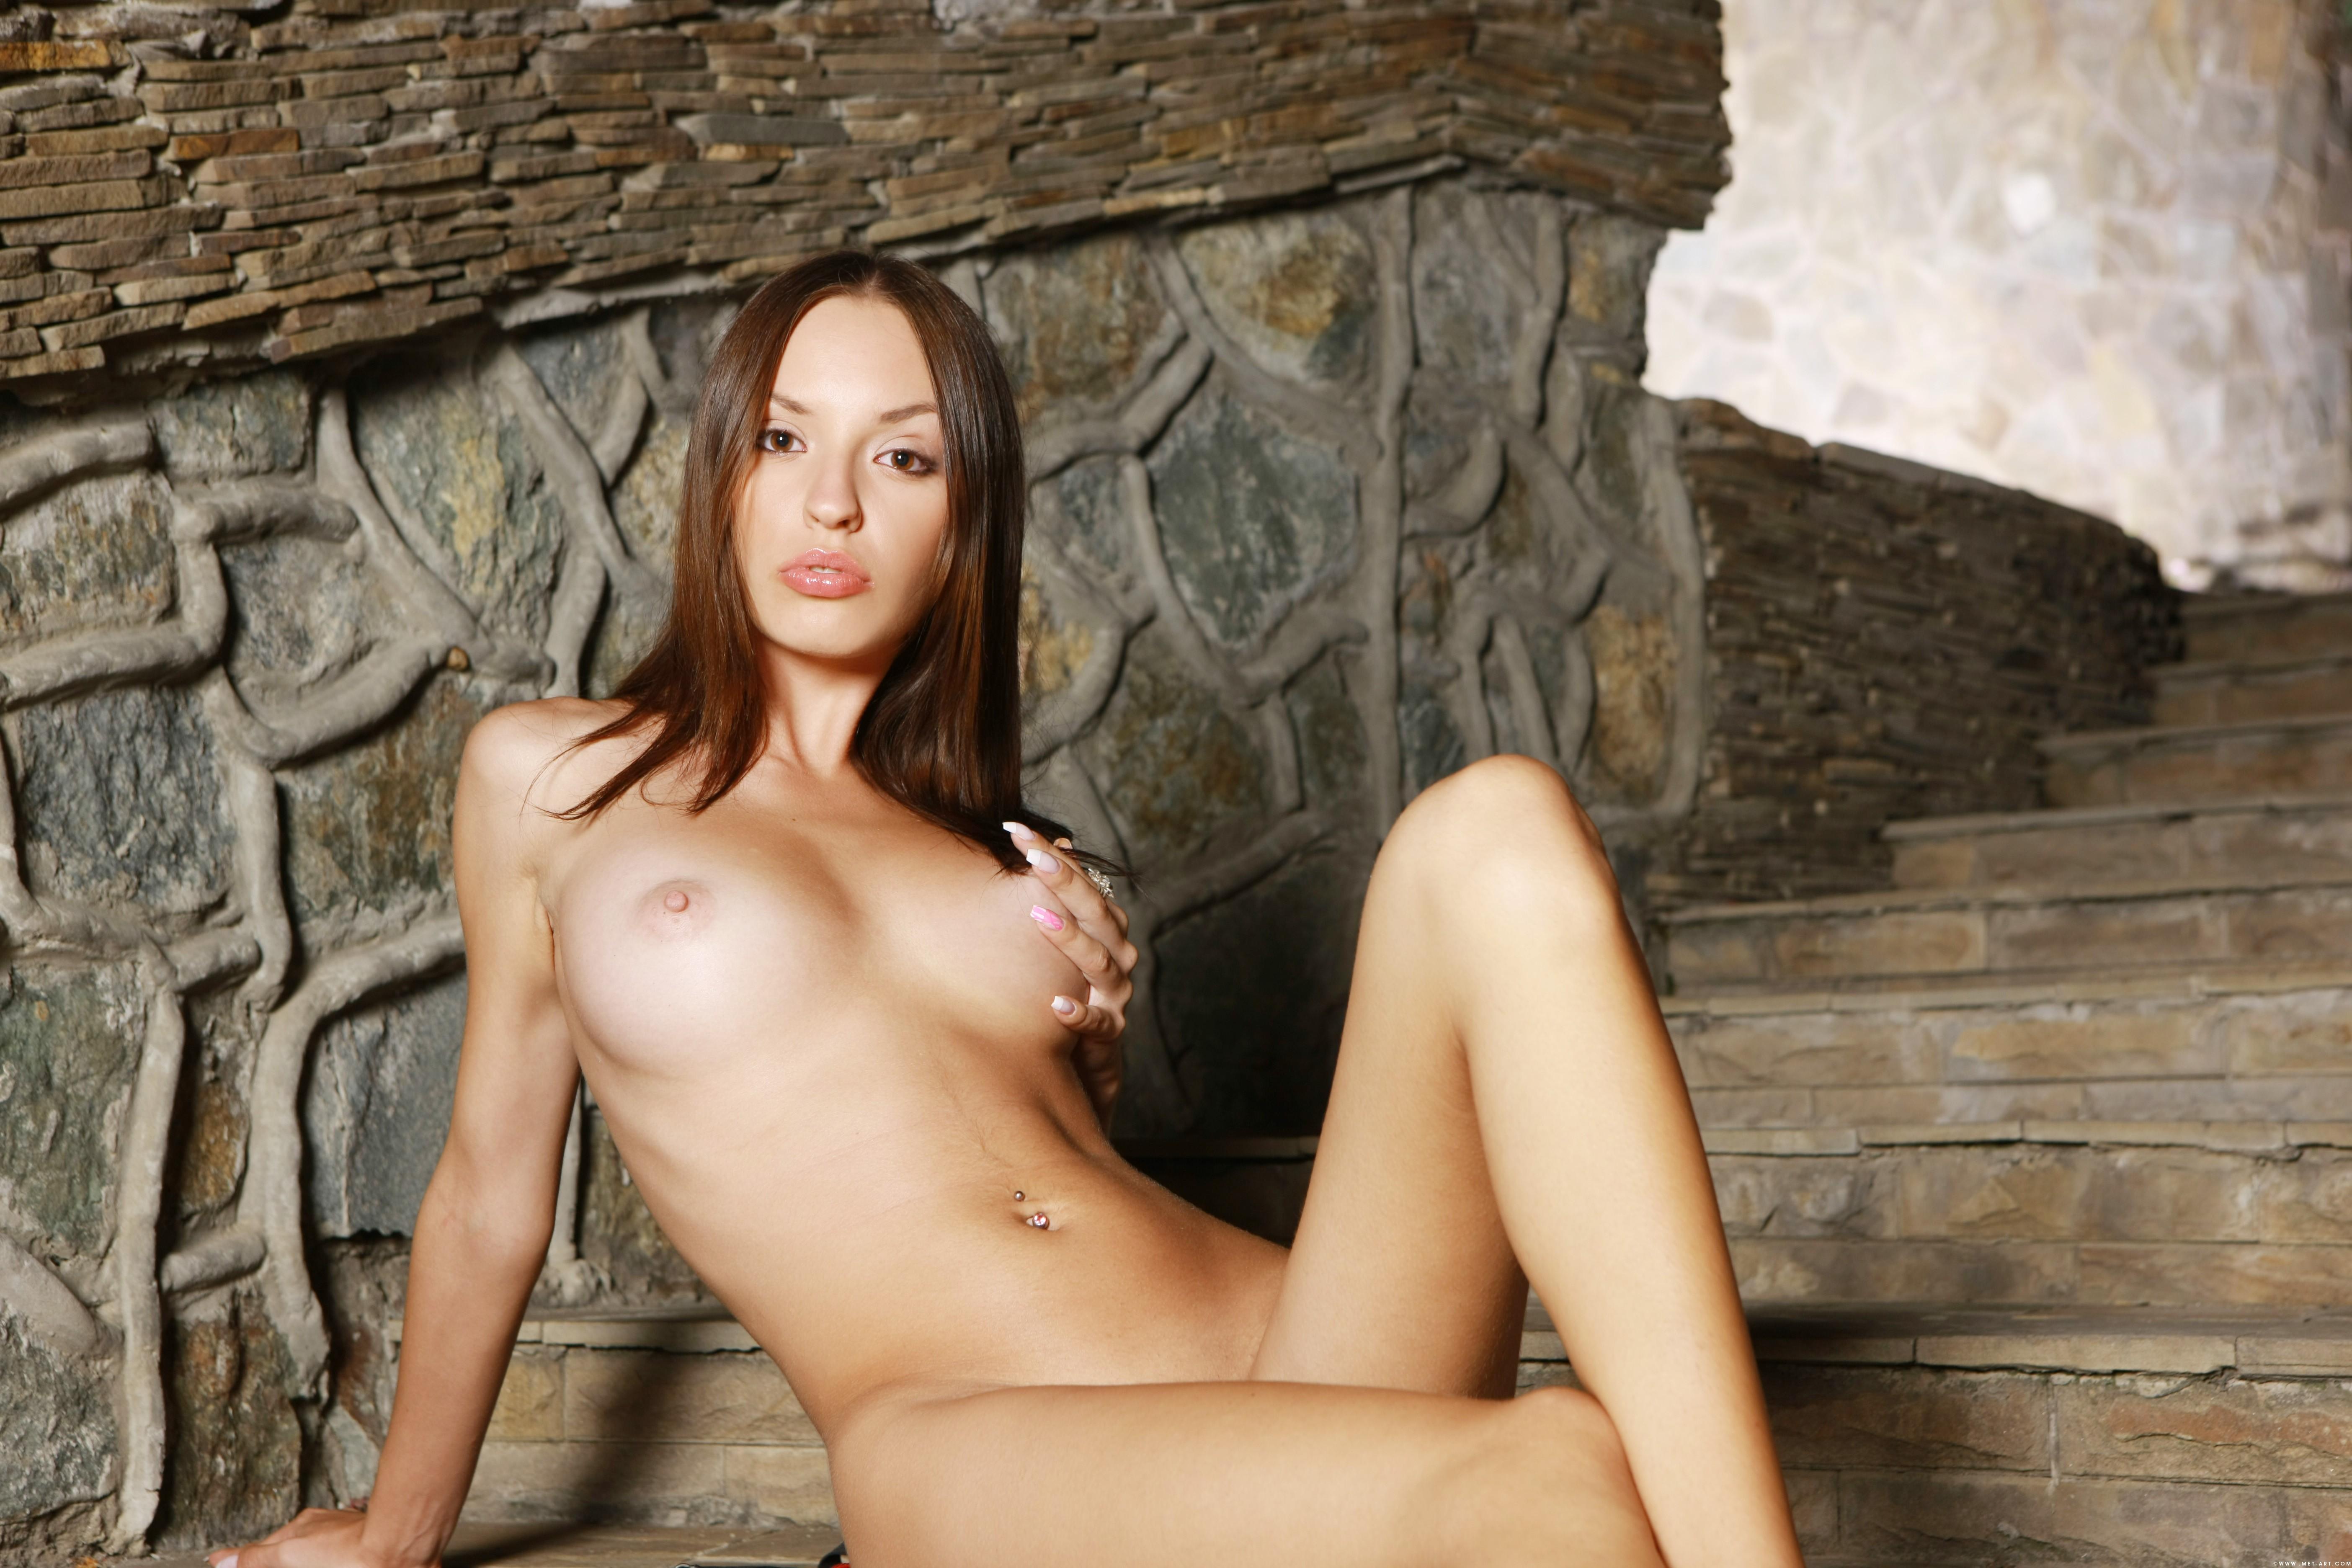 МЖМ домашнее русское порно  секс втроем